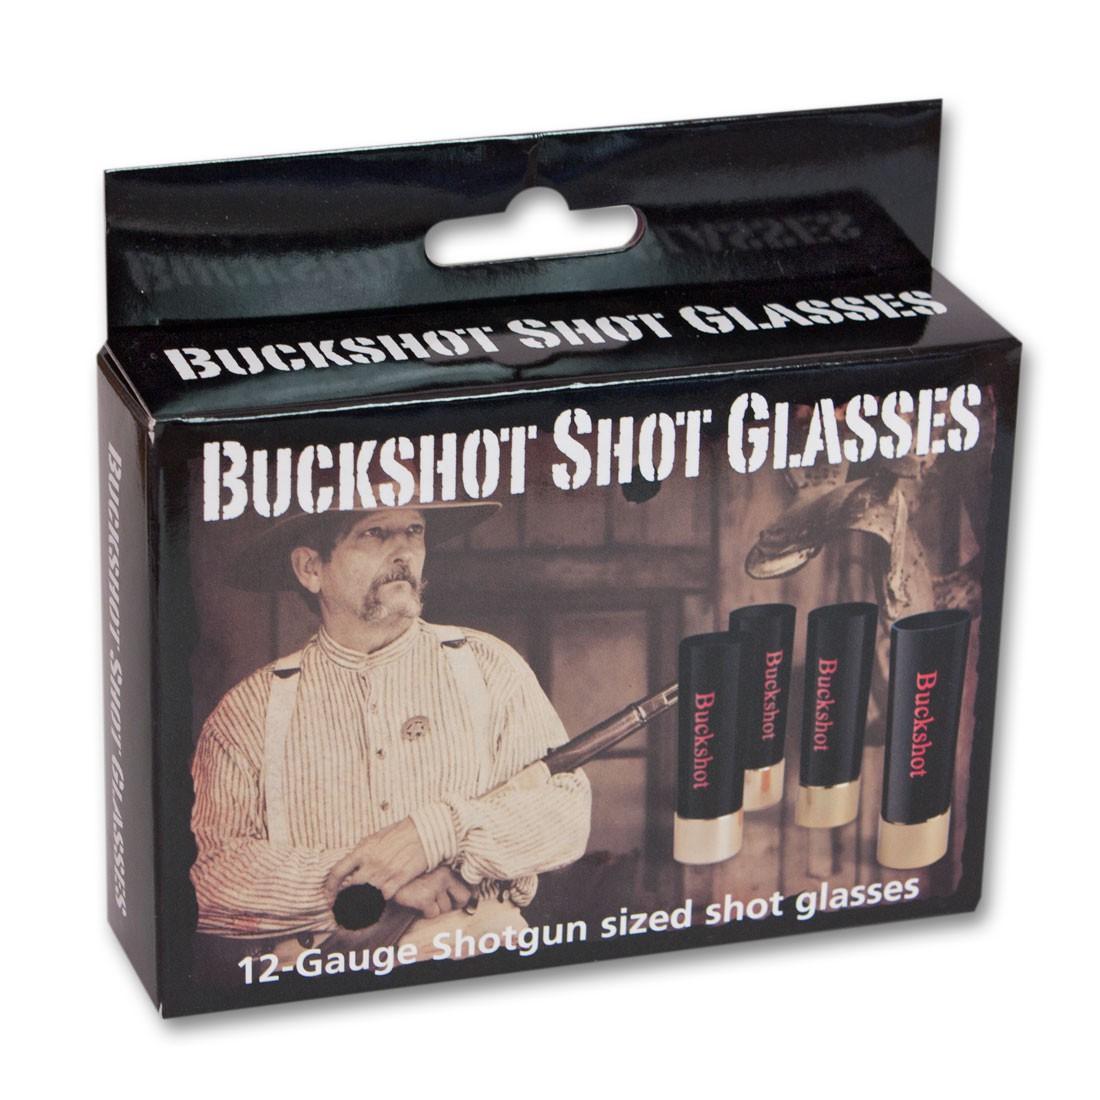 Buckshot Shotglasses 4-Pack